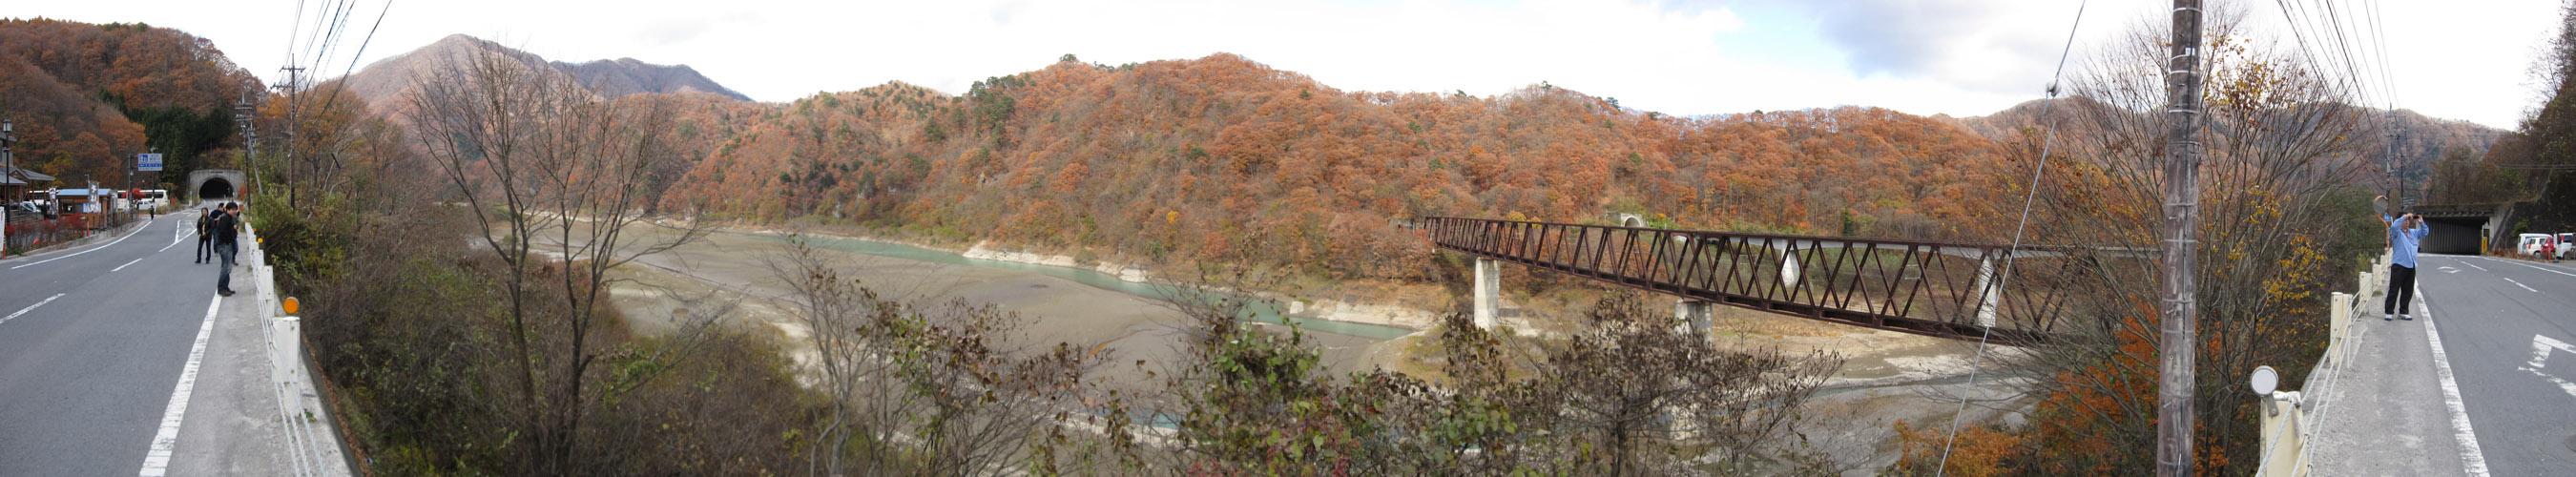 道の駅・湯西川から見える野岩鉄道の鉄橋